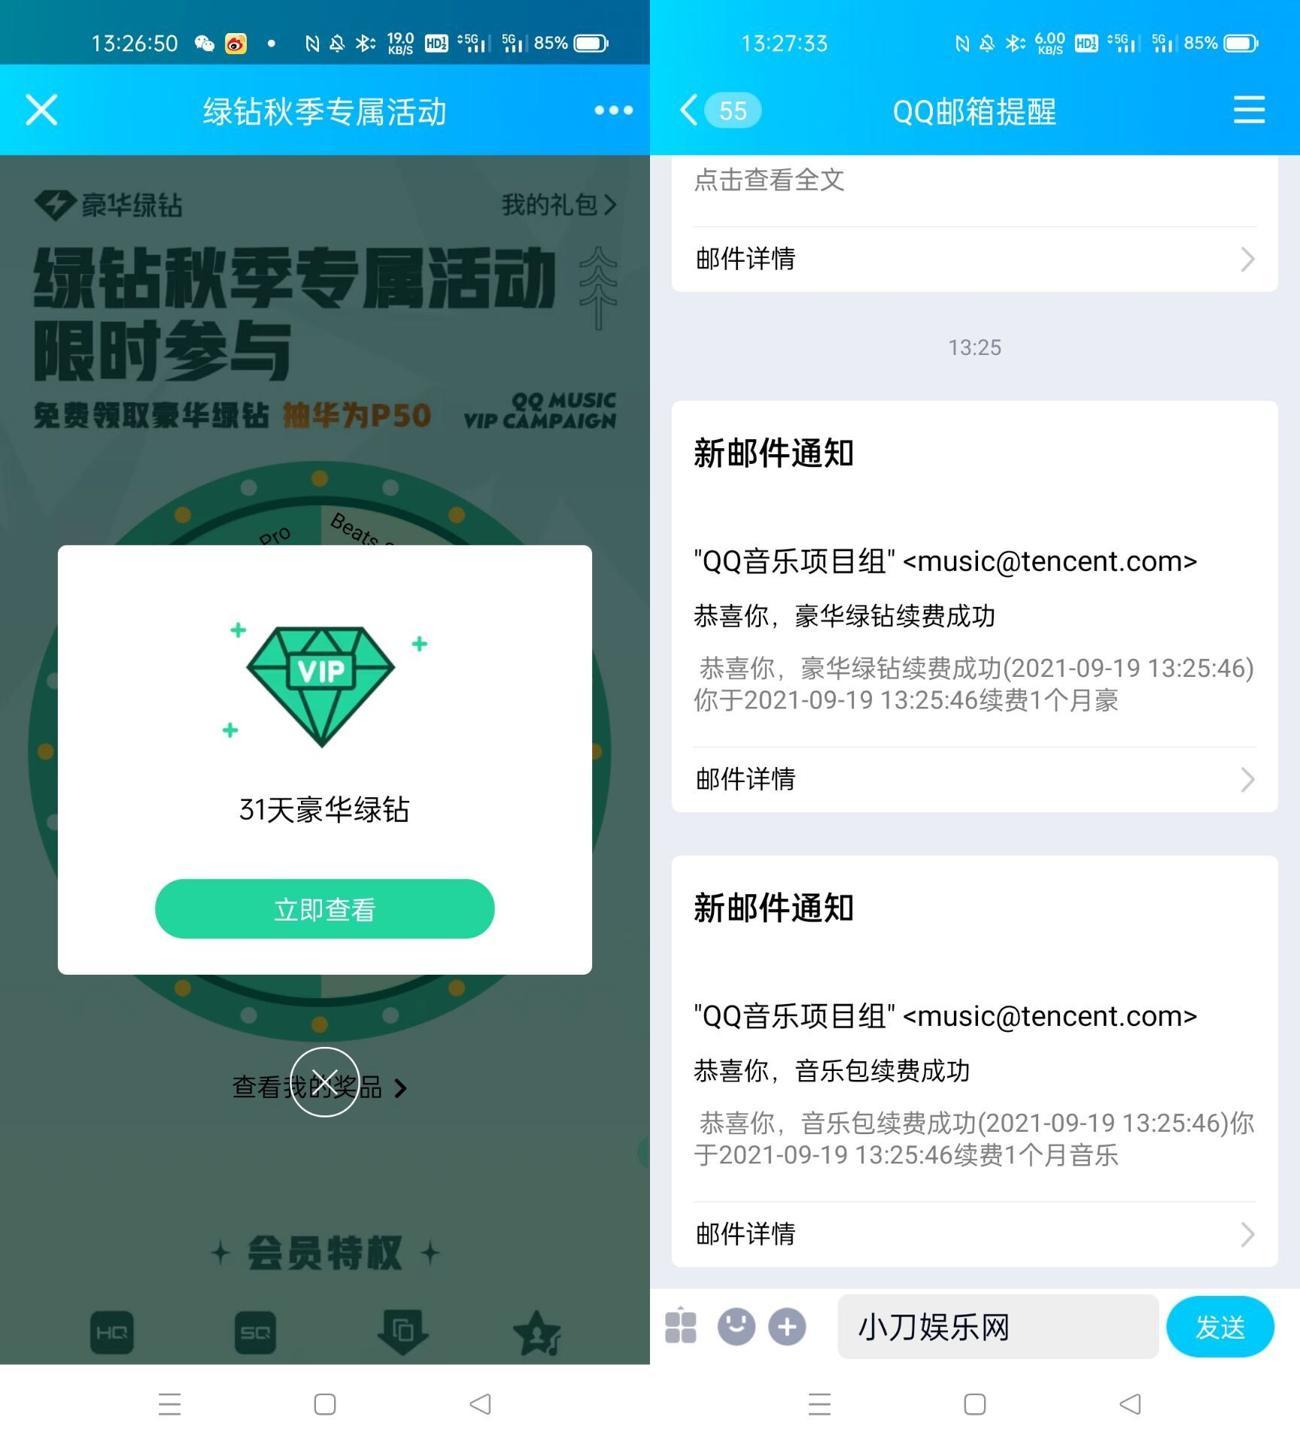 QQ音乐年费用户领1个月绿钻